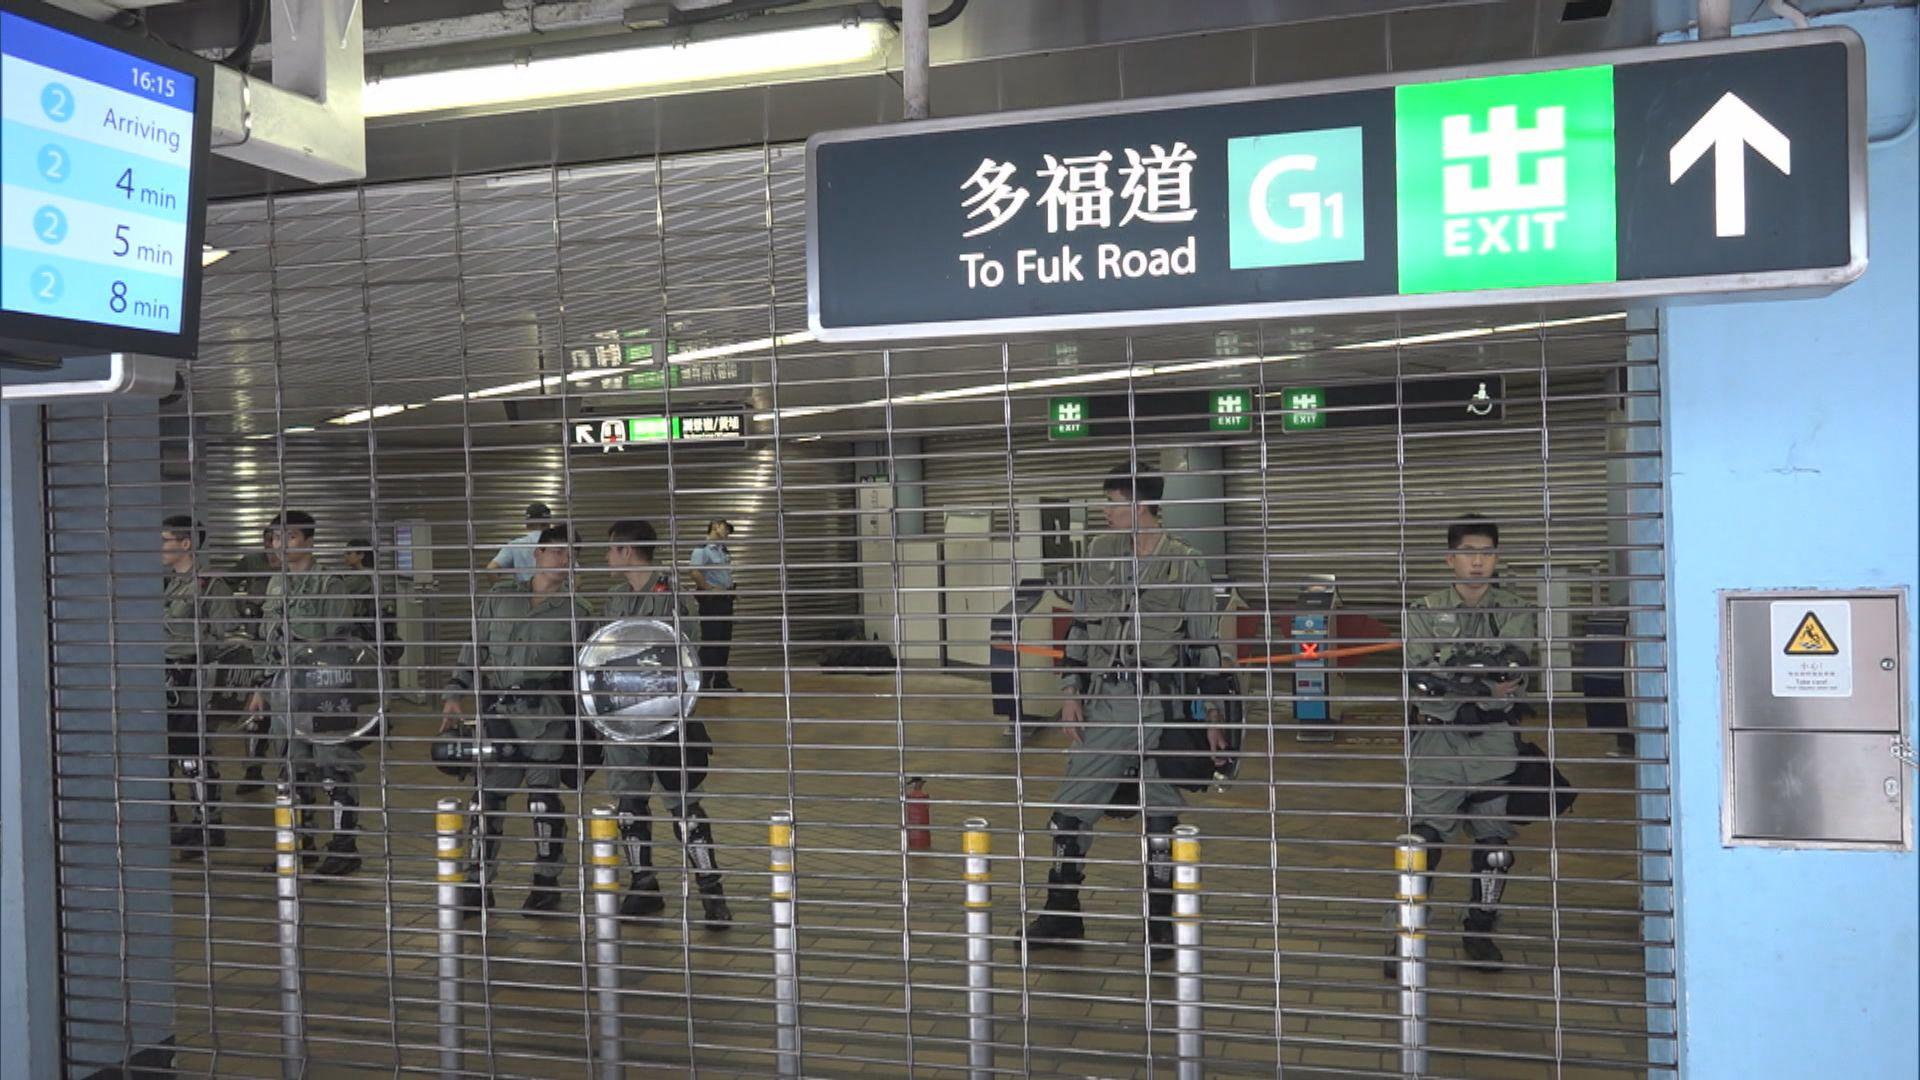 荔枝角站下午疑遭縱火 港鐵已報警處理